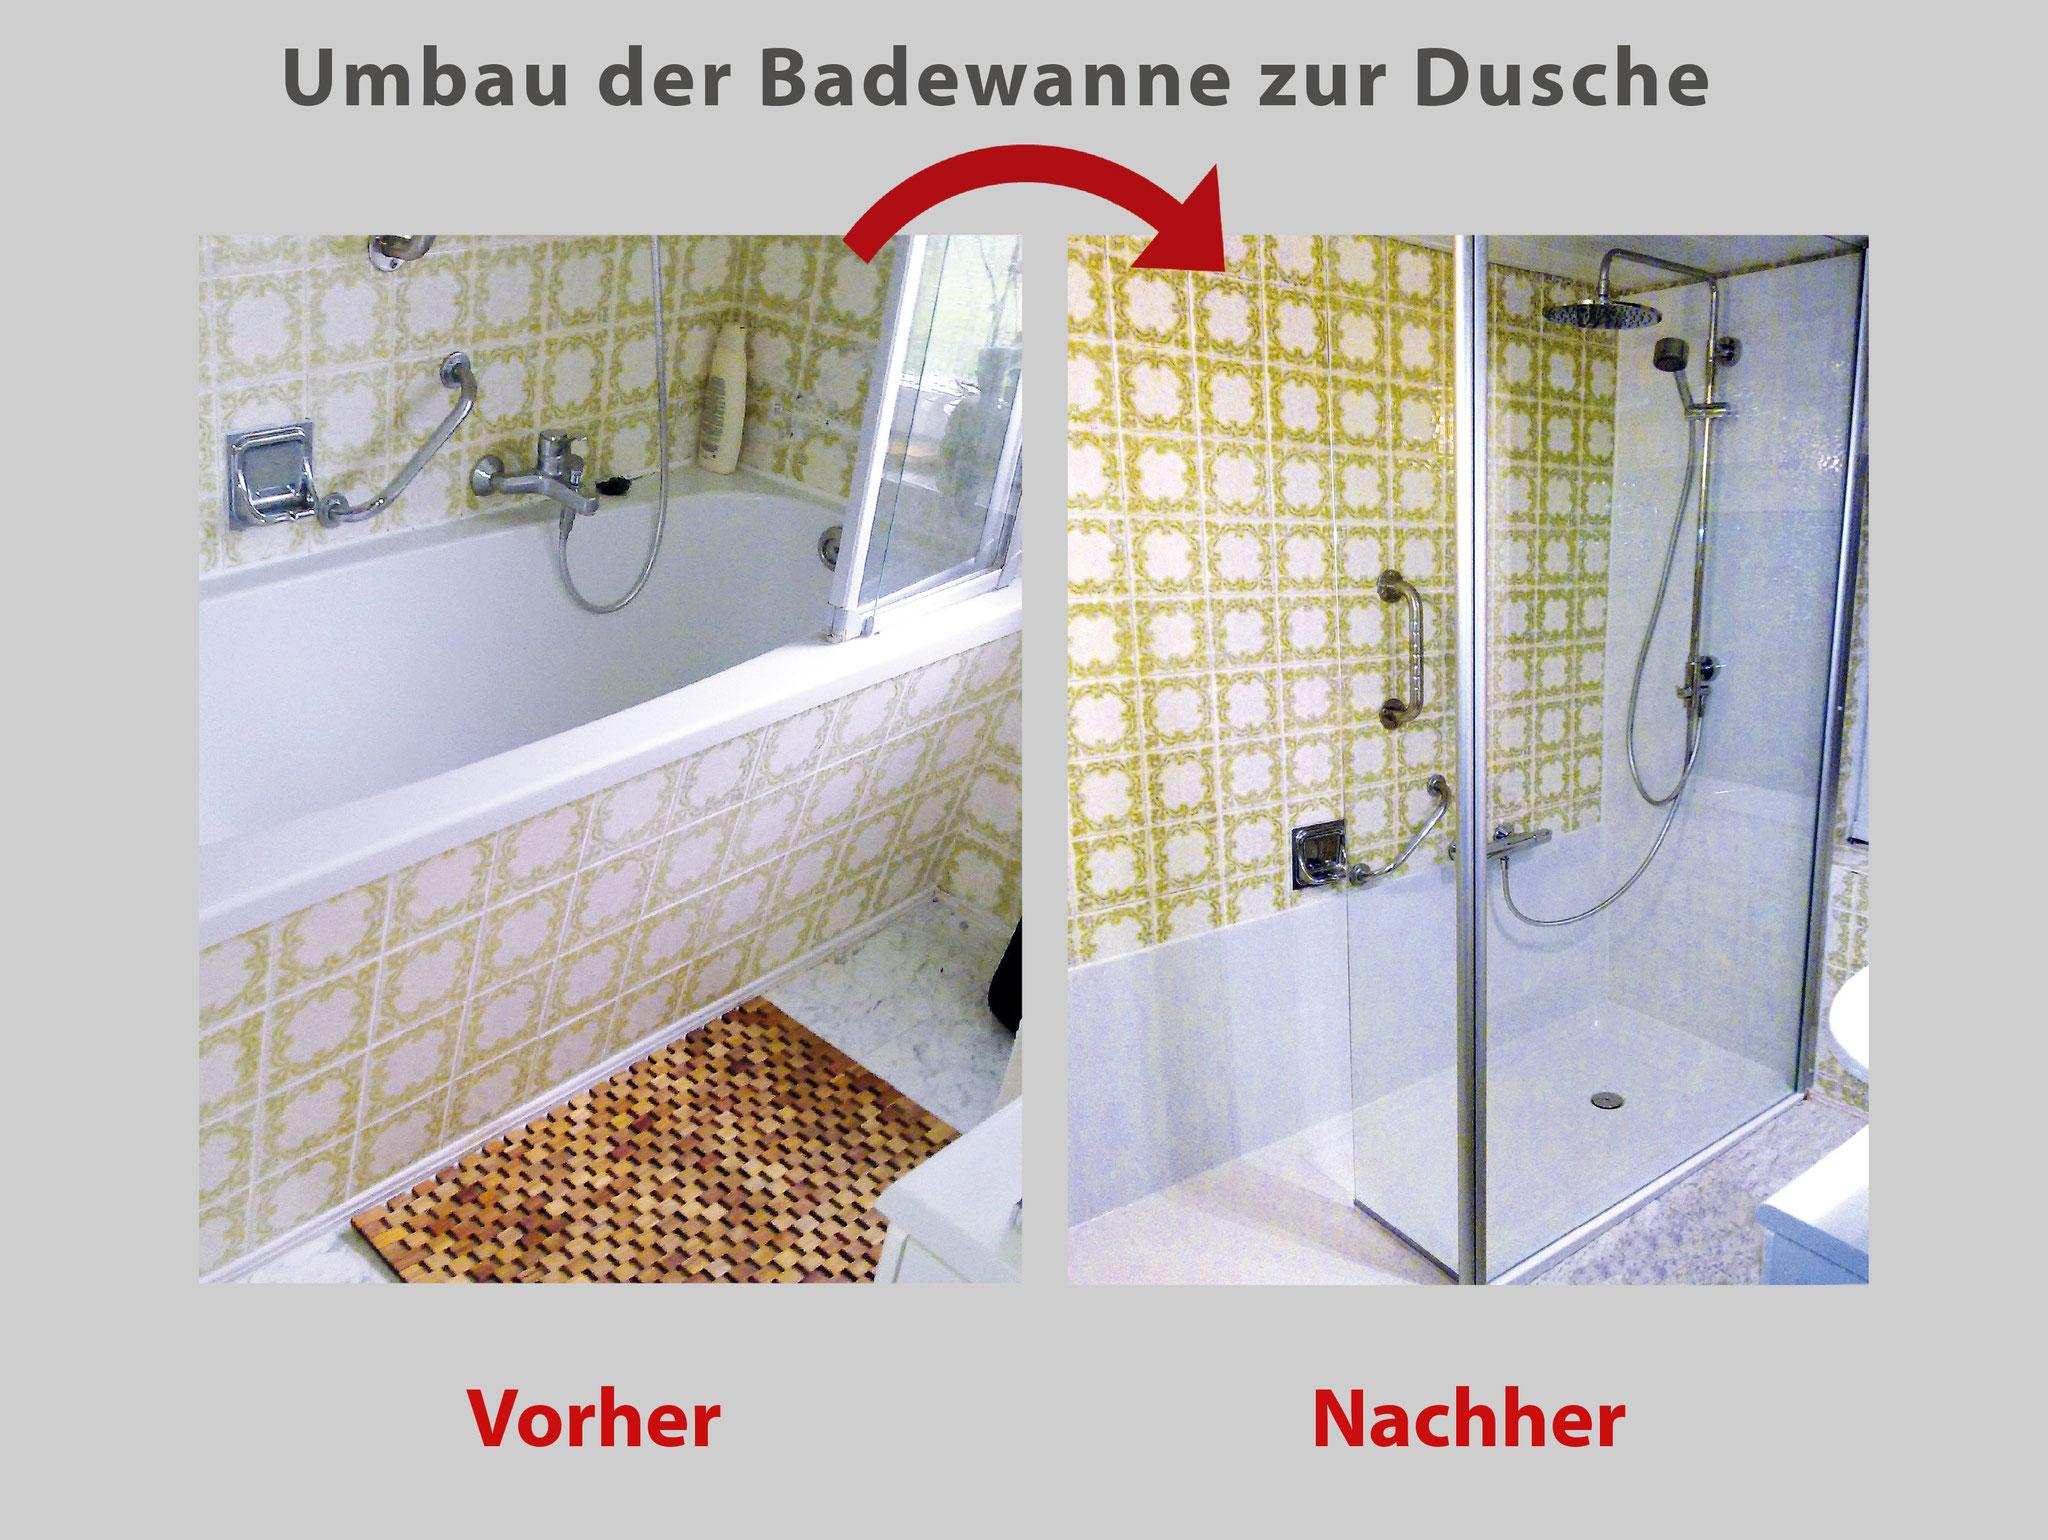 wanne zur dusche badewanne raus dusche rein bad teilsanierung mit system. Black Bedroom Furniture Sets. Home Design Ideas